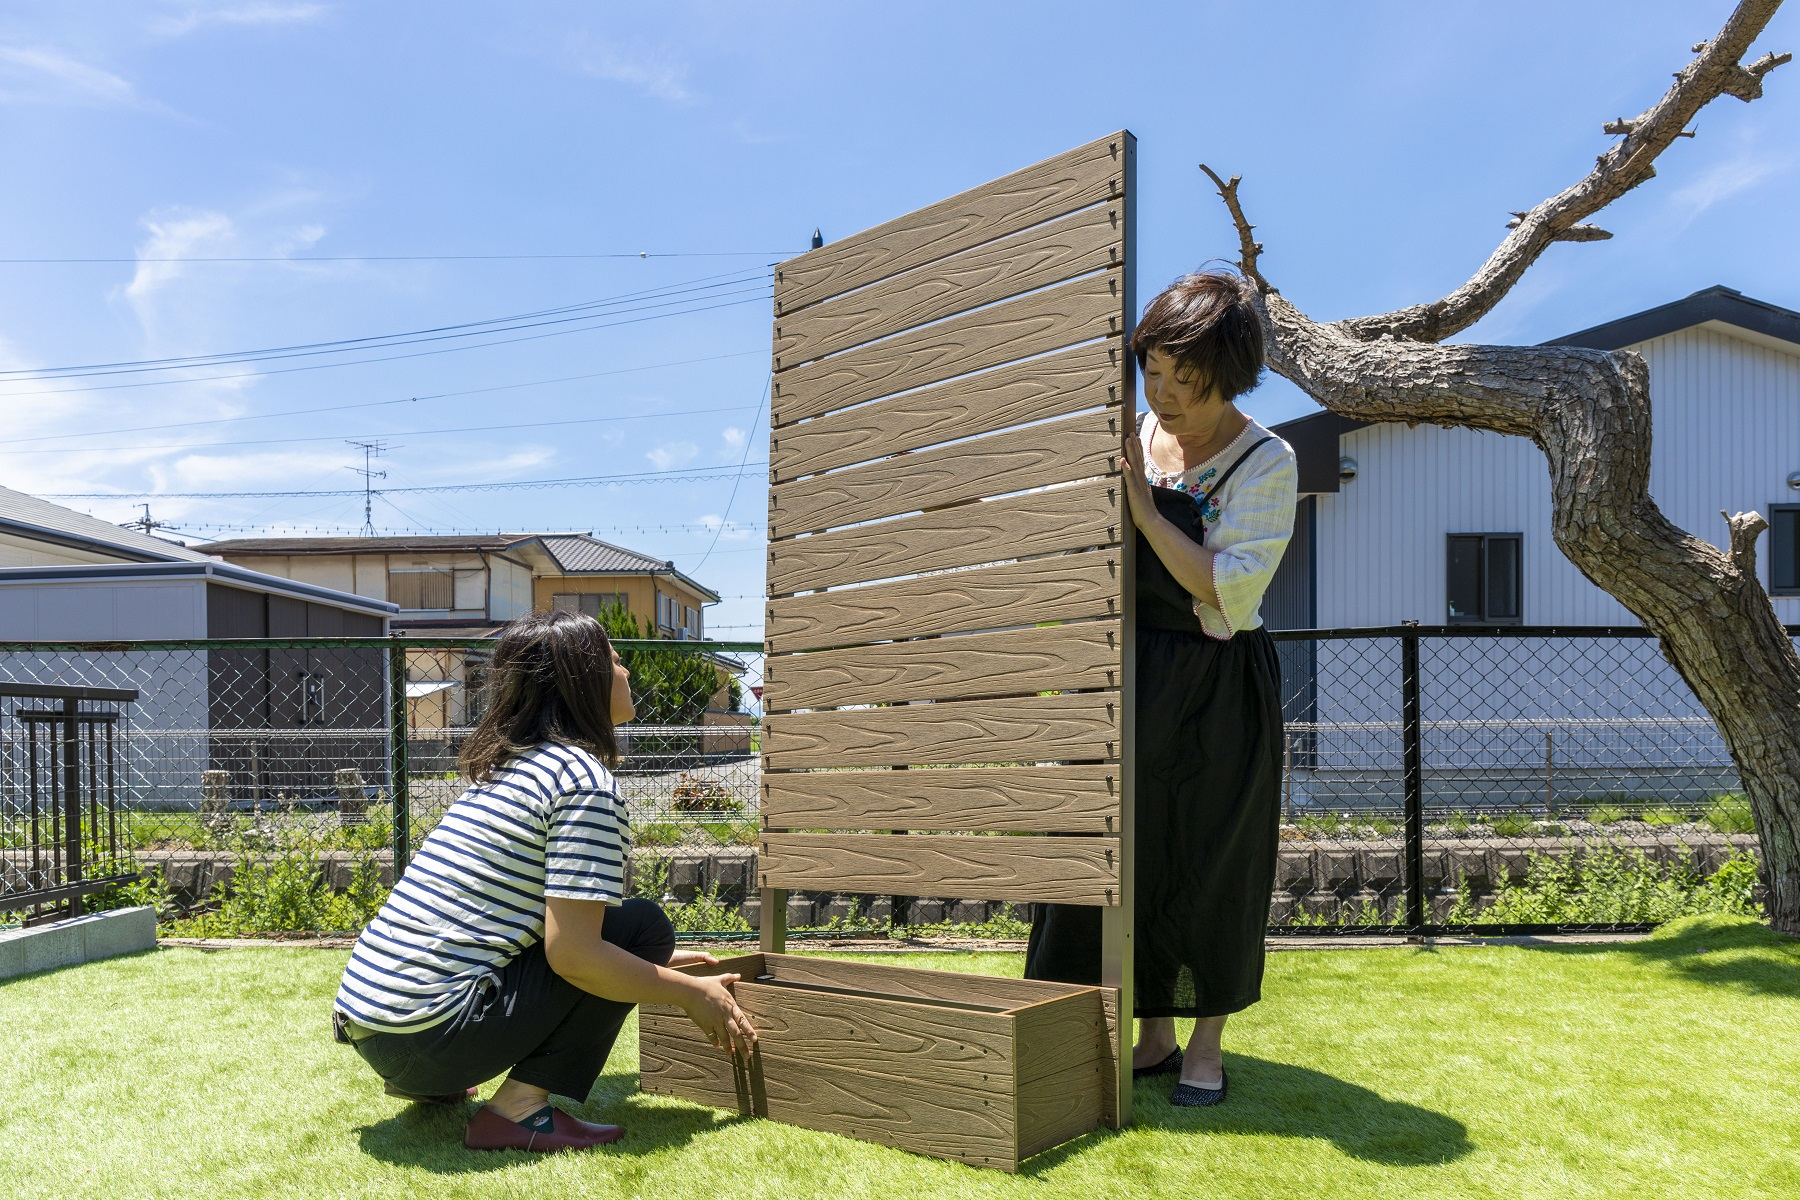 ぽんと置くだけフェンスの組み立ては簡単